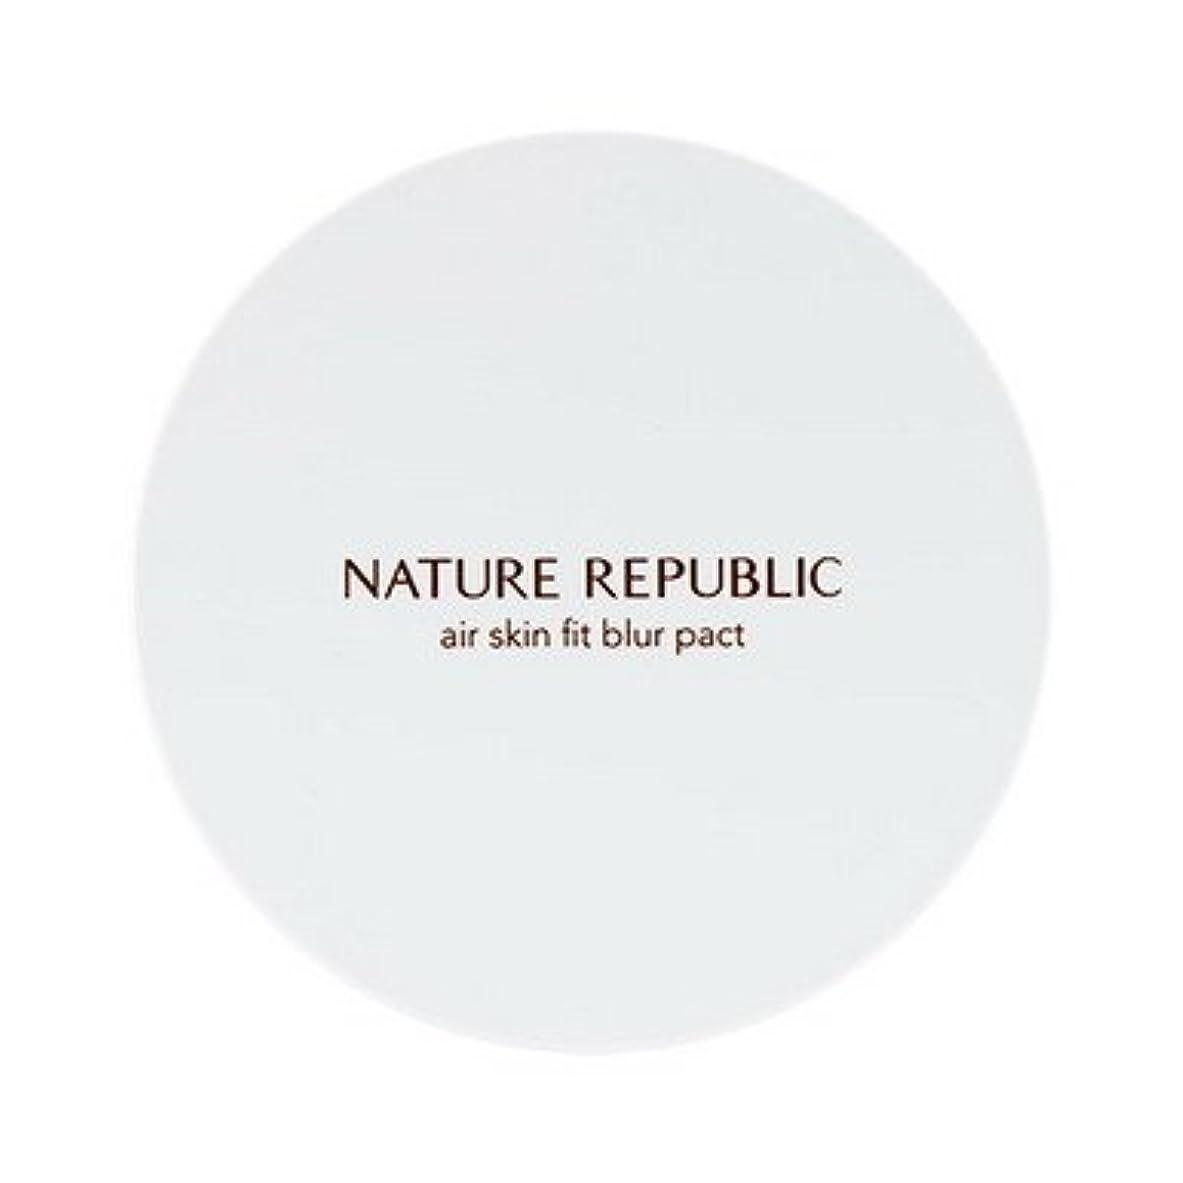 ハンカチ舗装する悪化する【NATURE REPUBLIC (ネイチャーリパブリック)】プロヴァンス エアスキンフィット ブラーパクト15g (SPF30/ PA+++) [並行輸入品]